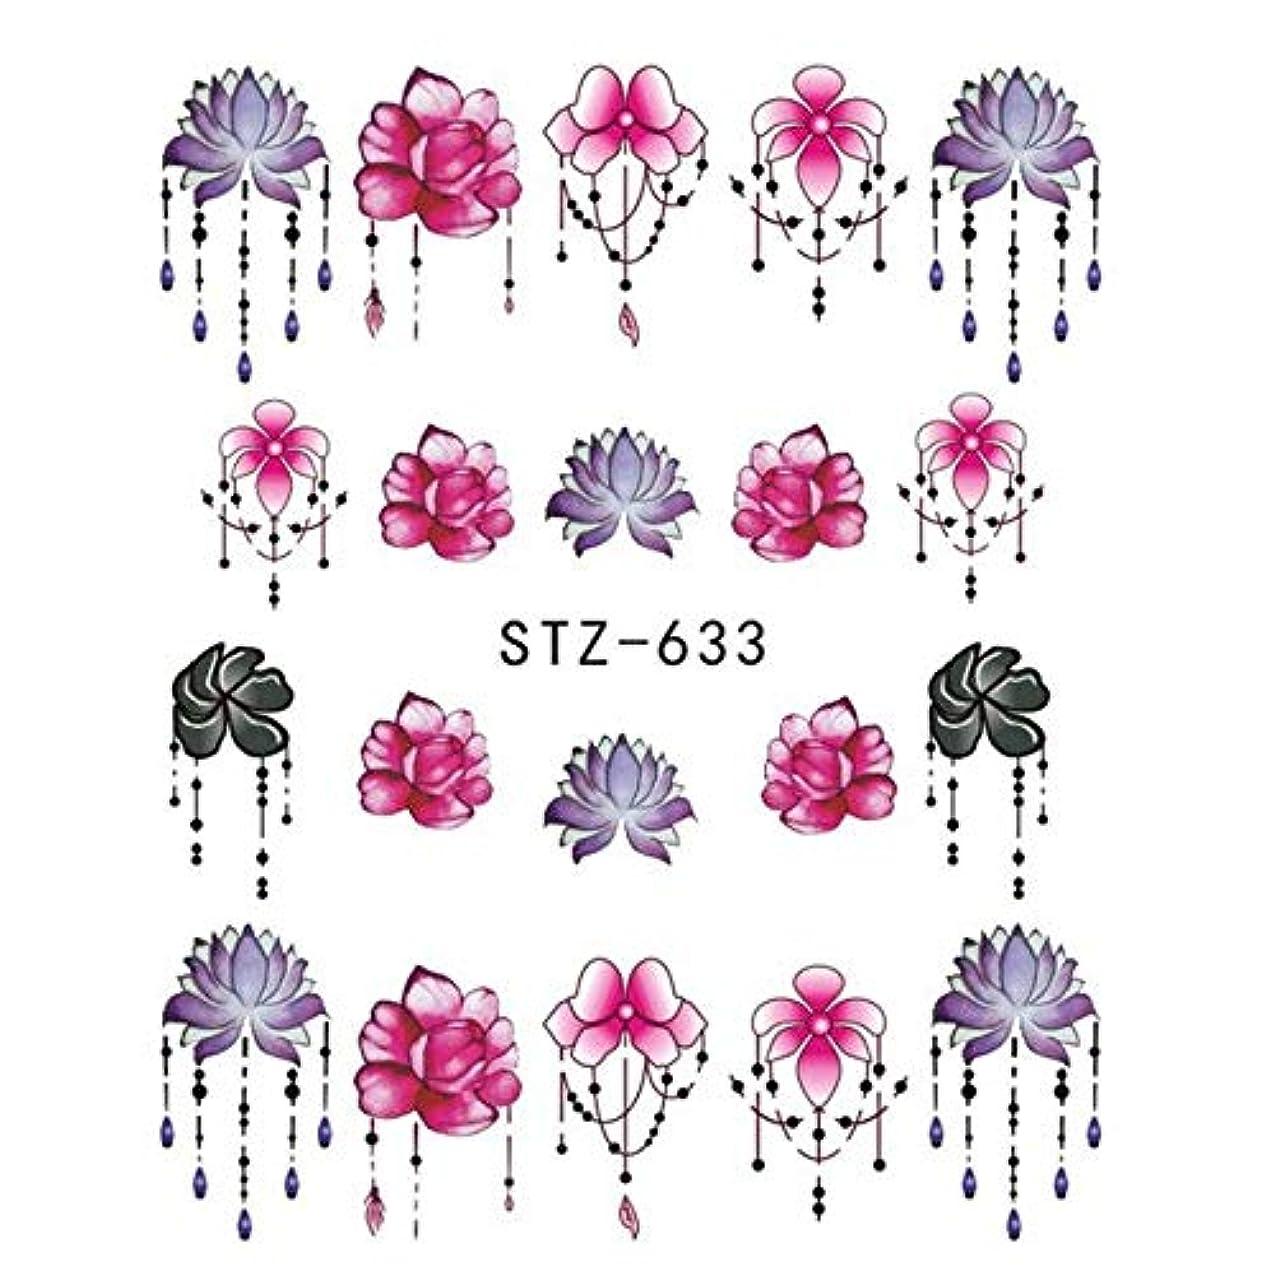 最も遠いクリップ蝶着実にSUKTI&XIAO ネイルステッカー 1ピースネイルアートステッカー美容女性花水転写ステッカーラベルスライダー透かし装飾ツール